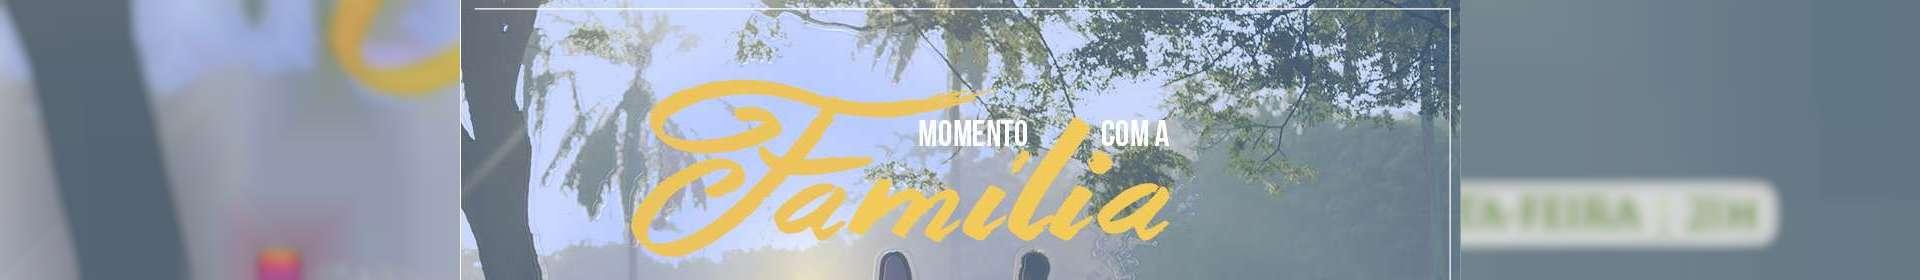 Momento com a Família - 23/08/2019